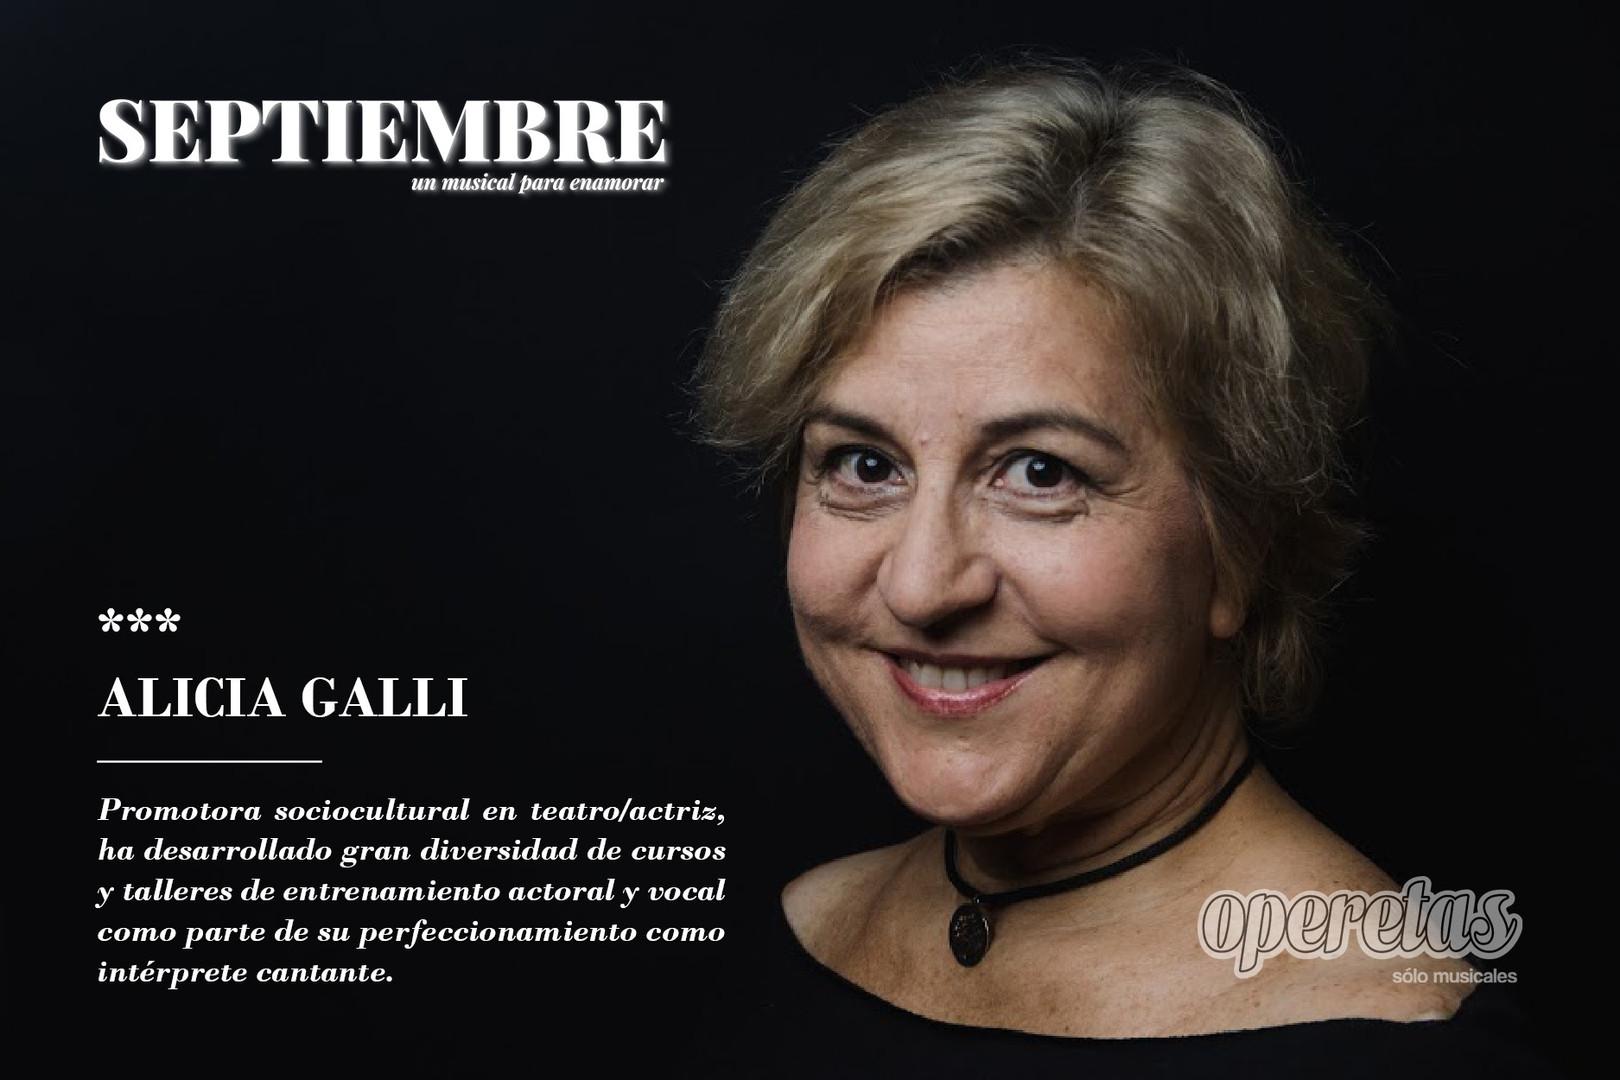 Alicia Galli